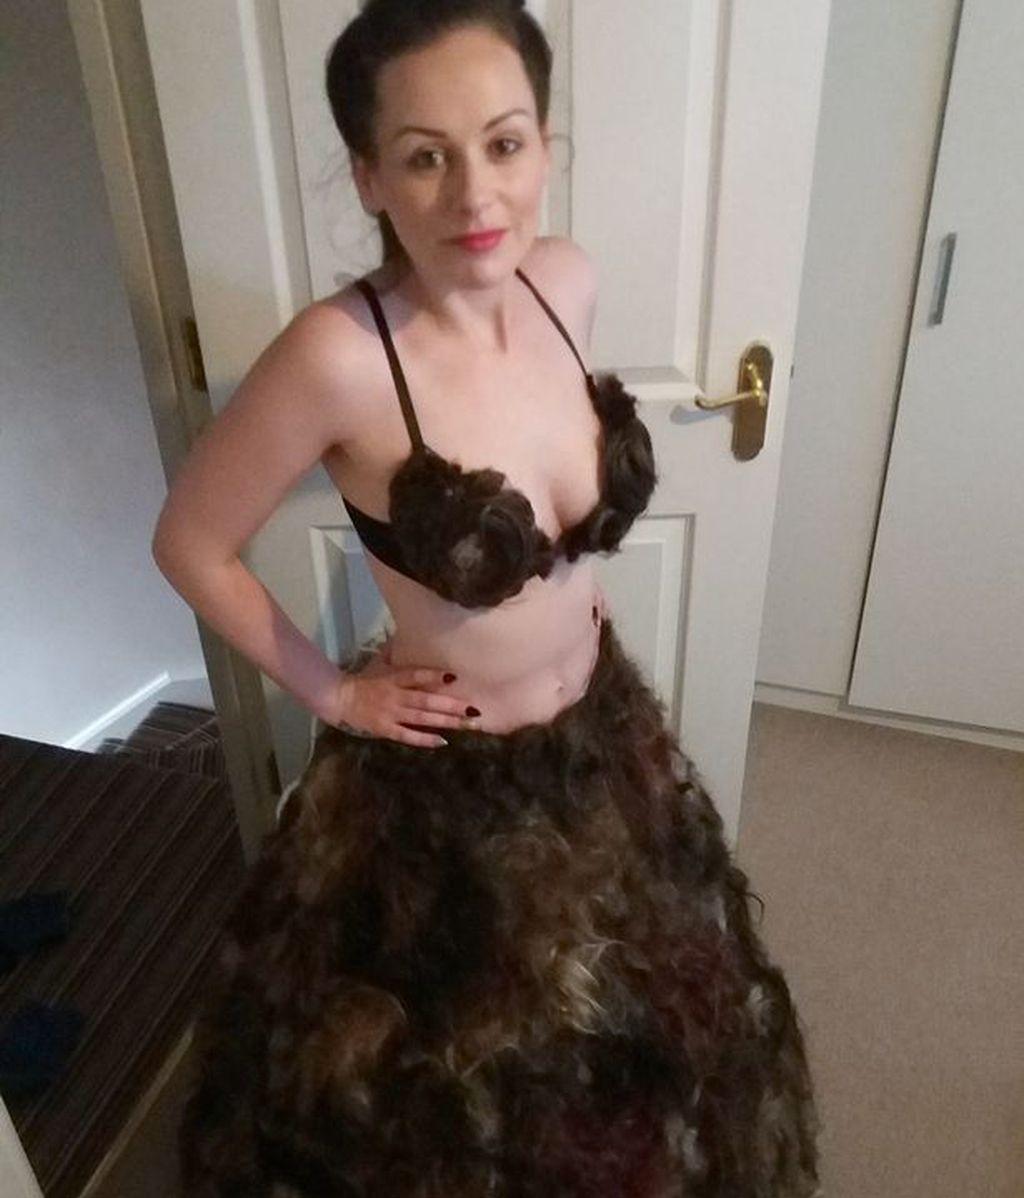 El vestido que ni Lady Gaga se pondría, hecho a partir de donaciones de vello púbico